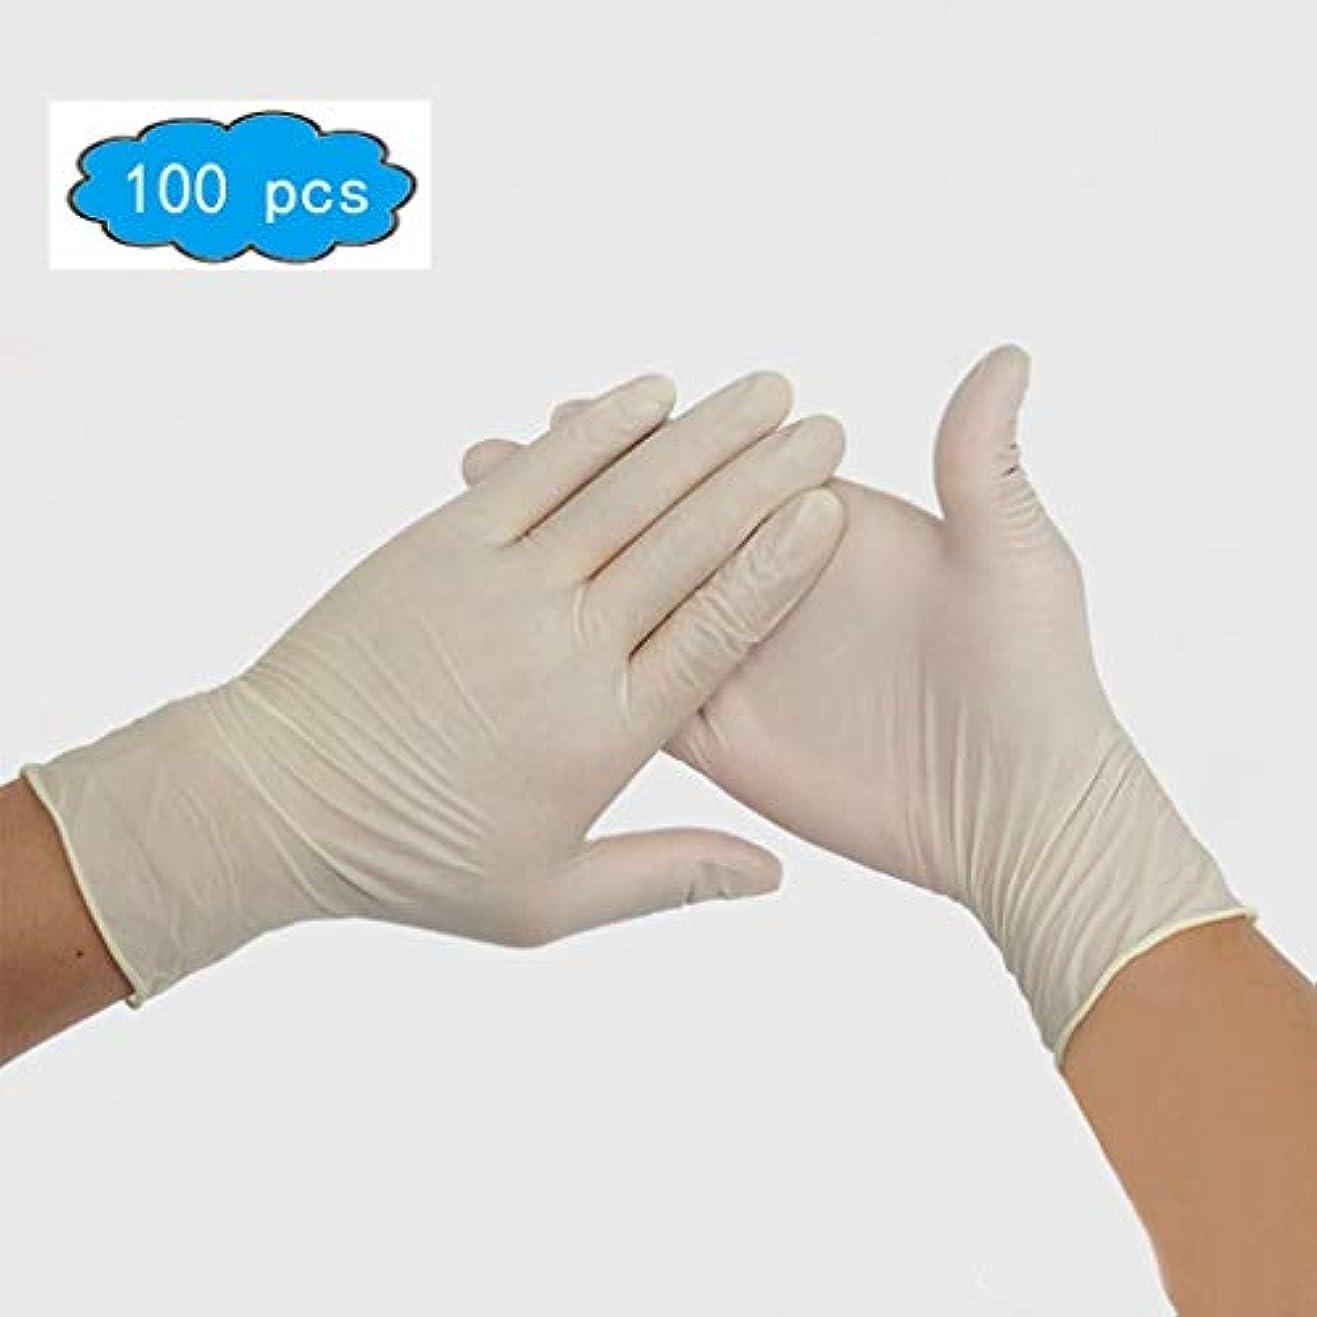 雪の赤旋律的使い捨て安全手袋、ラテックス手袋、無菌、パウダーフリー、滑らかな接触、食品等級、大型[100パック]家庭用品 (Color : Milky, Size : M)